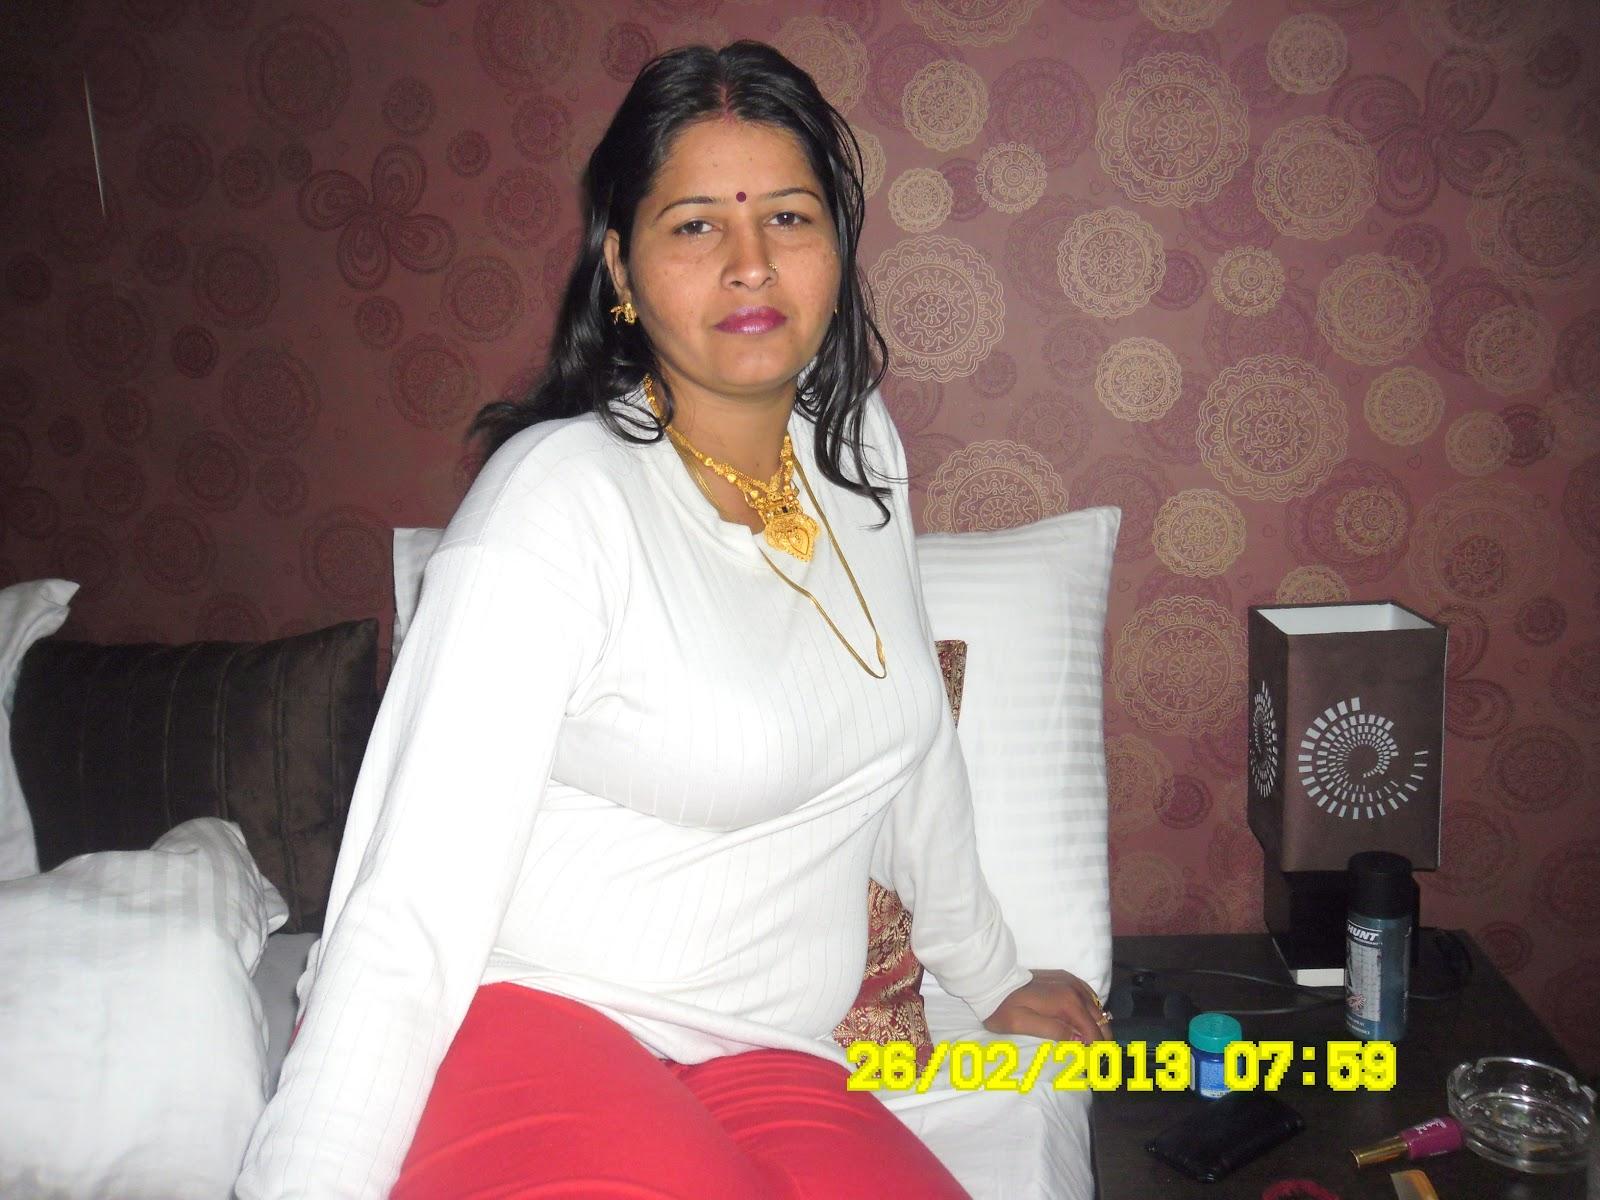 desi young Indian girls nude non nude photos. Babli Sharma Sexy Babe